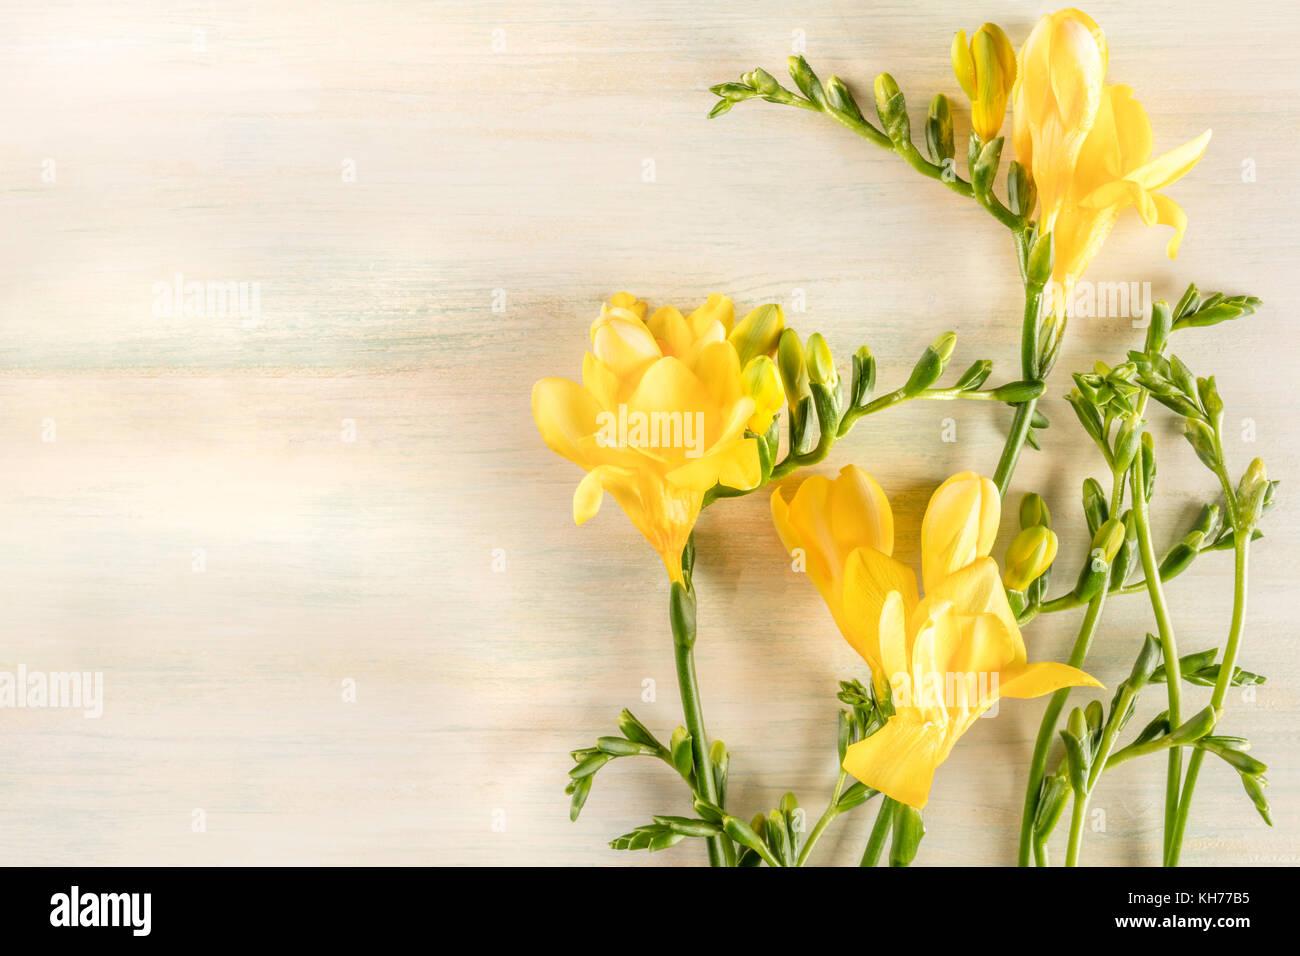 Yellow Freesia Flowers Stock Photos Yellow Freesia Flowers Stock